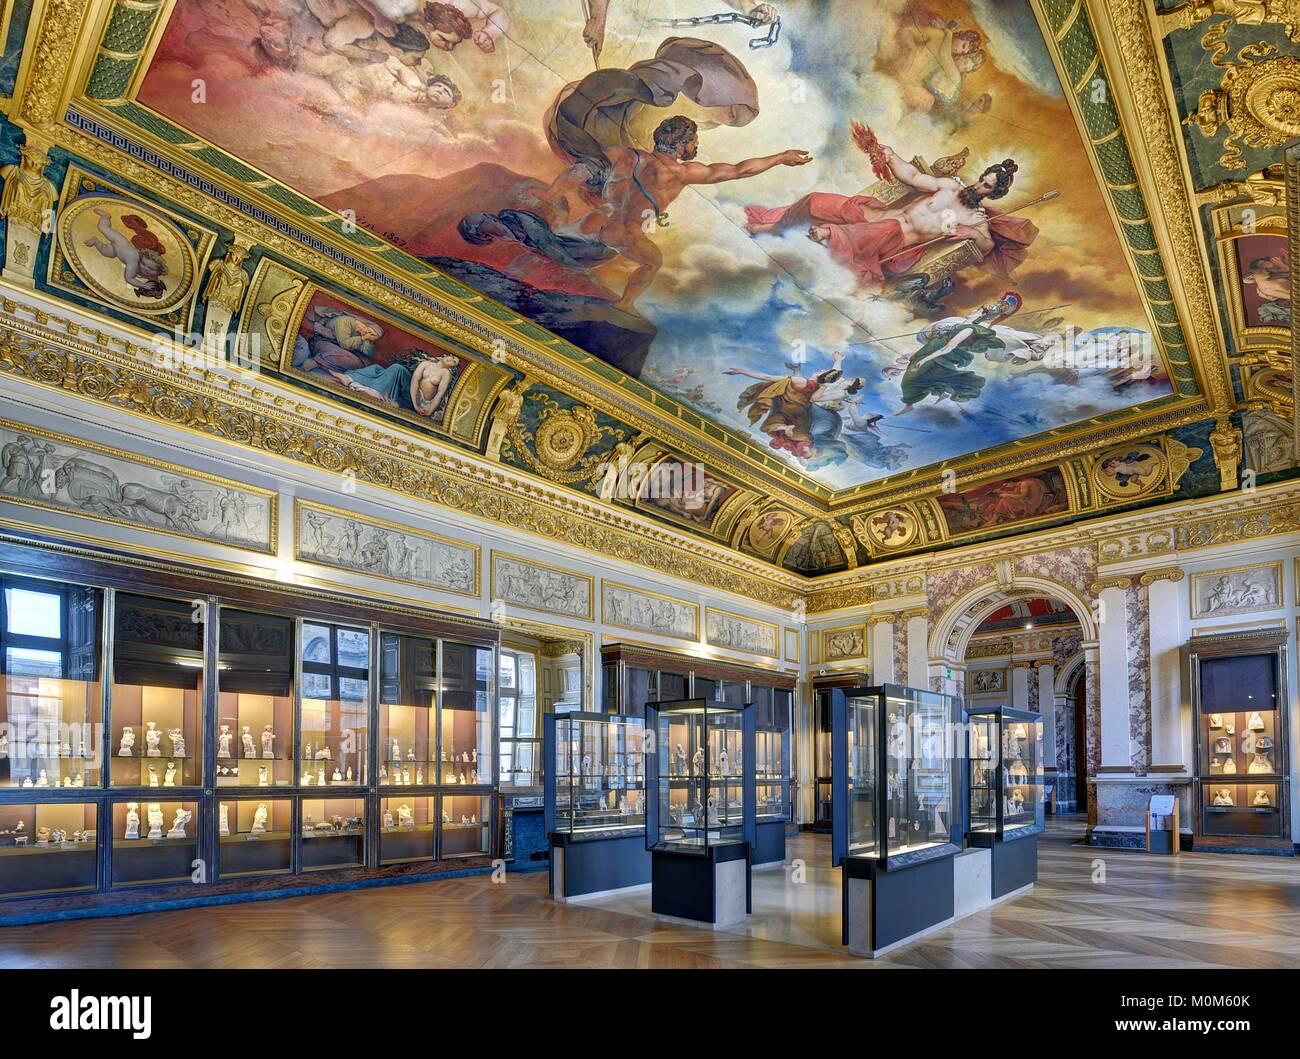 Le Vésuve, décrit par les contemporains du XVIIIe siècle - Page 6 France-paris-region-inscrite-au-patrimoine-mondial-de-l-unesco-musee-du-louvre-musee-charles-x-prix-peinture-par-f-j-heim-entre-1826-et-1827-le-vesuve-recevant-de-jupiter-le-feu-consommant-a-herculanum-pompei-et-stabies-prix-des-figurines-en-terre-cuite-m0m60k